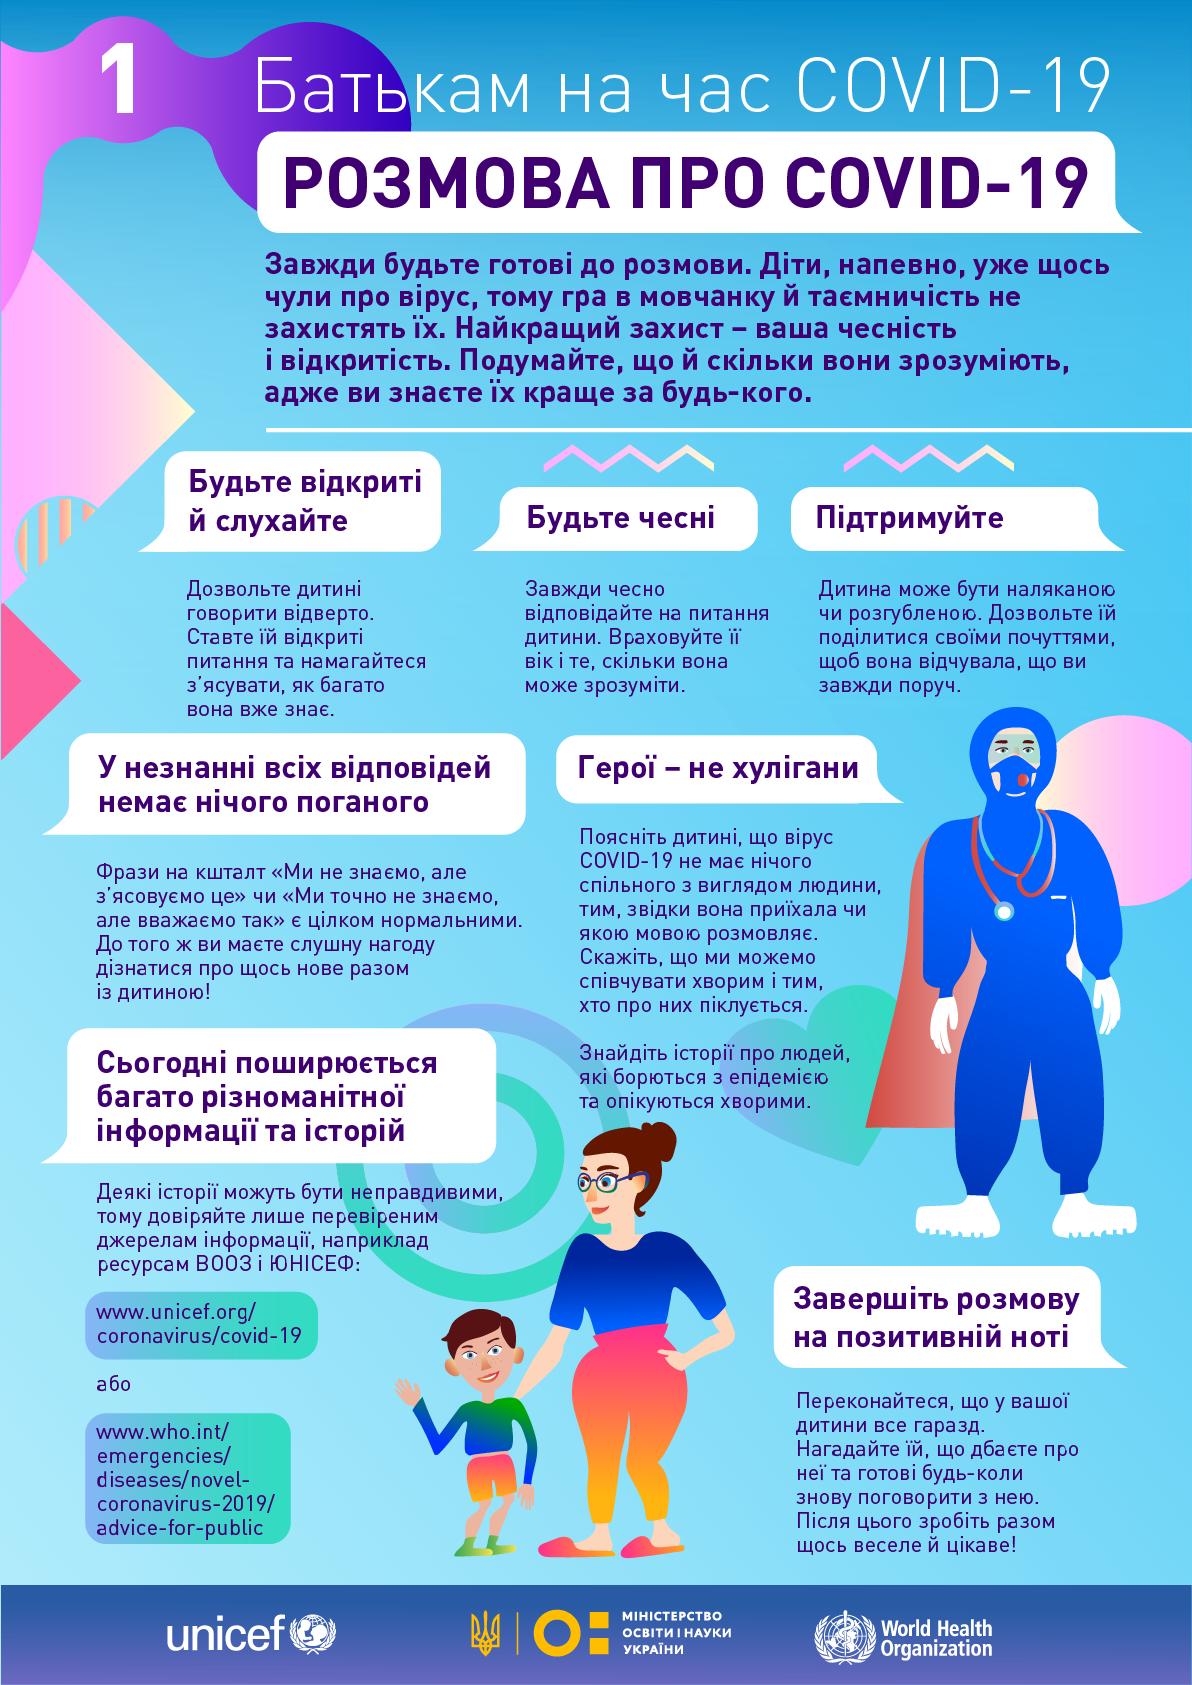 Як говорити з дитиною про COVID-19, навчити її весело мити руки та правильно відпочивати — поради для батьків під час карантину від МОН та ЮНІСЕФ Україна | Міністерство освіти і науки України